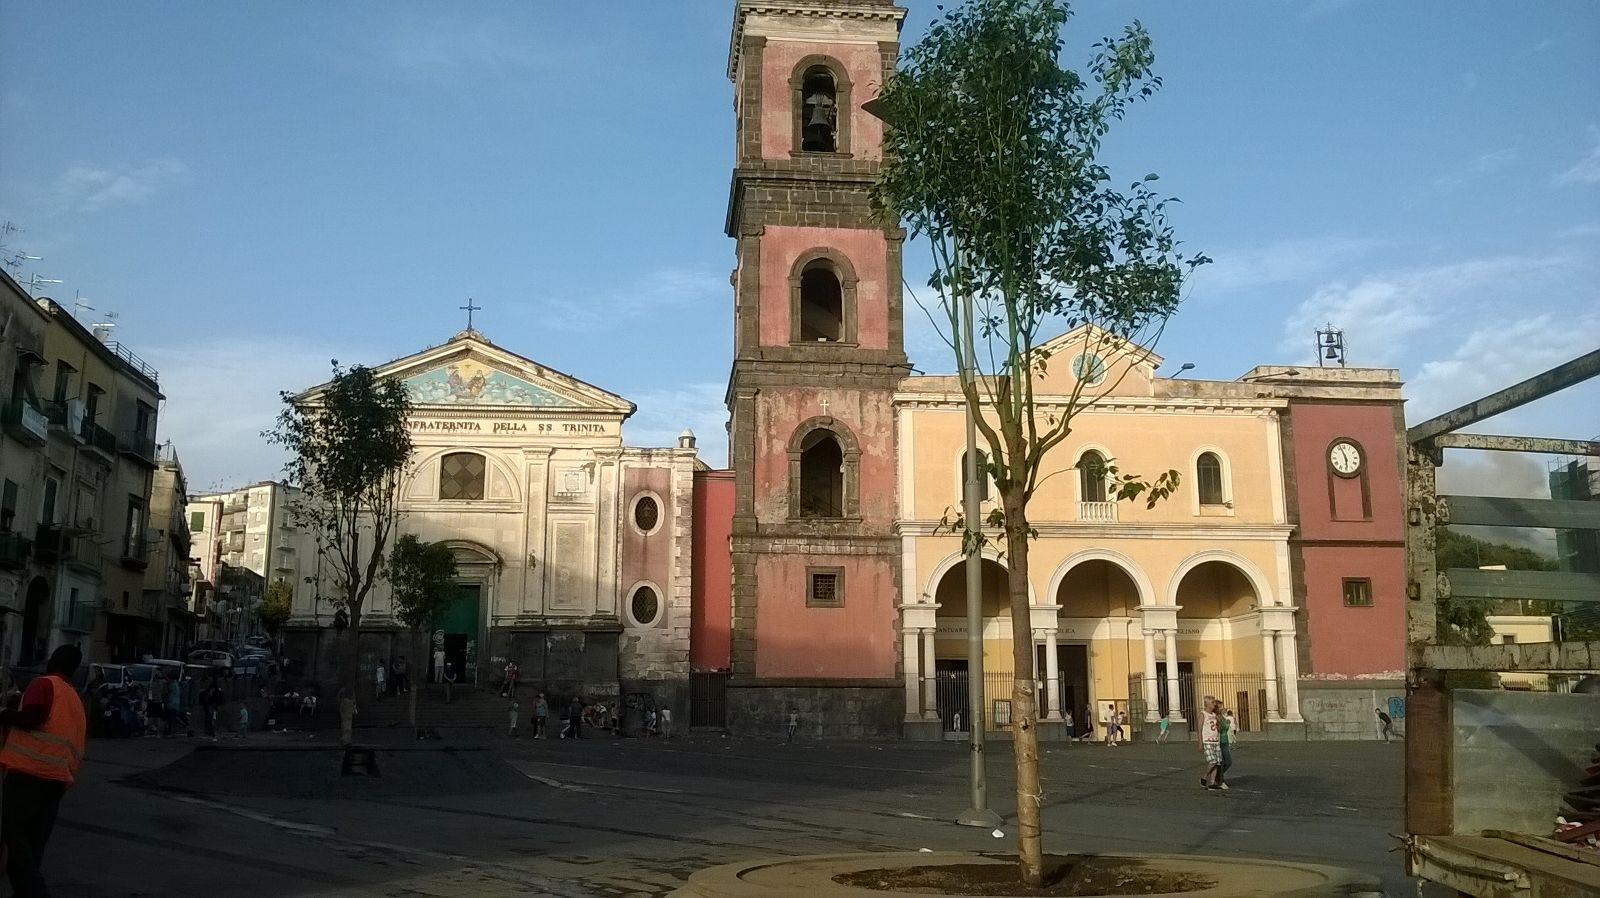 Nuovi alberi d'alto fusto piantati in Piazza Pugliano. Buonajuto: «Interventi in corso sulle aree verdi in tutta la città. Entro fine anno prevista la riapertura di via Pugliano»